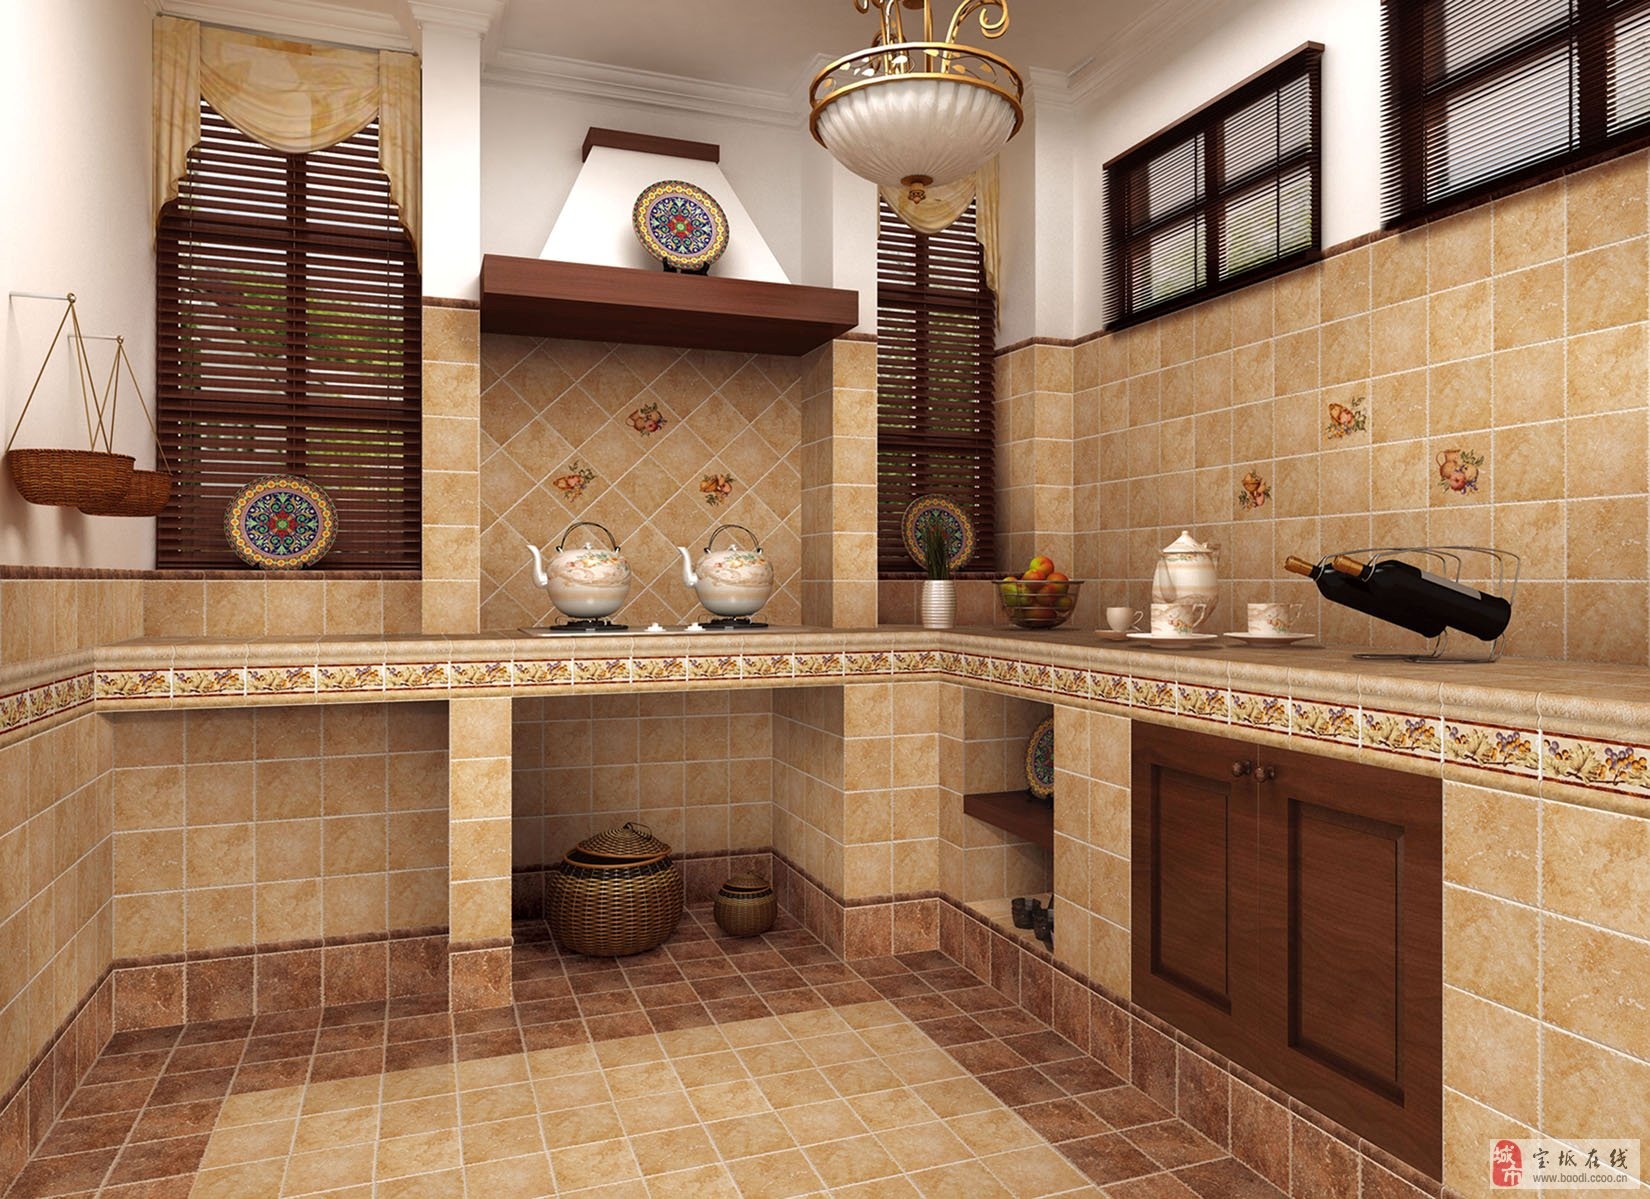 小蜜蜂瓷砖品牌,小蜜蜂瓷砖价格表,小蜜蜂瓷砖